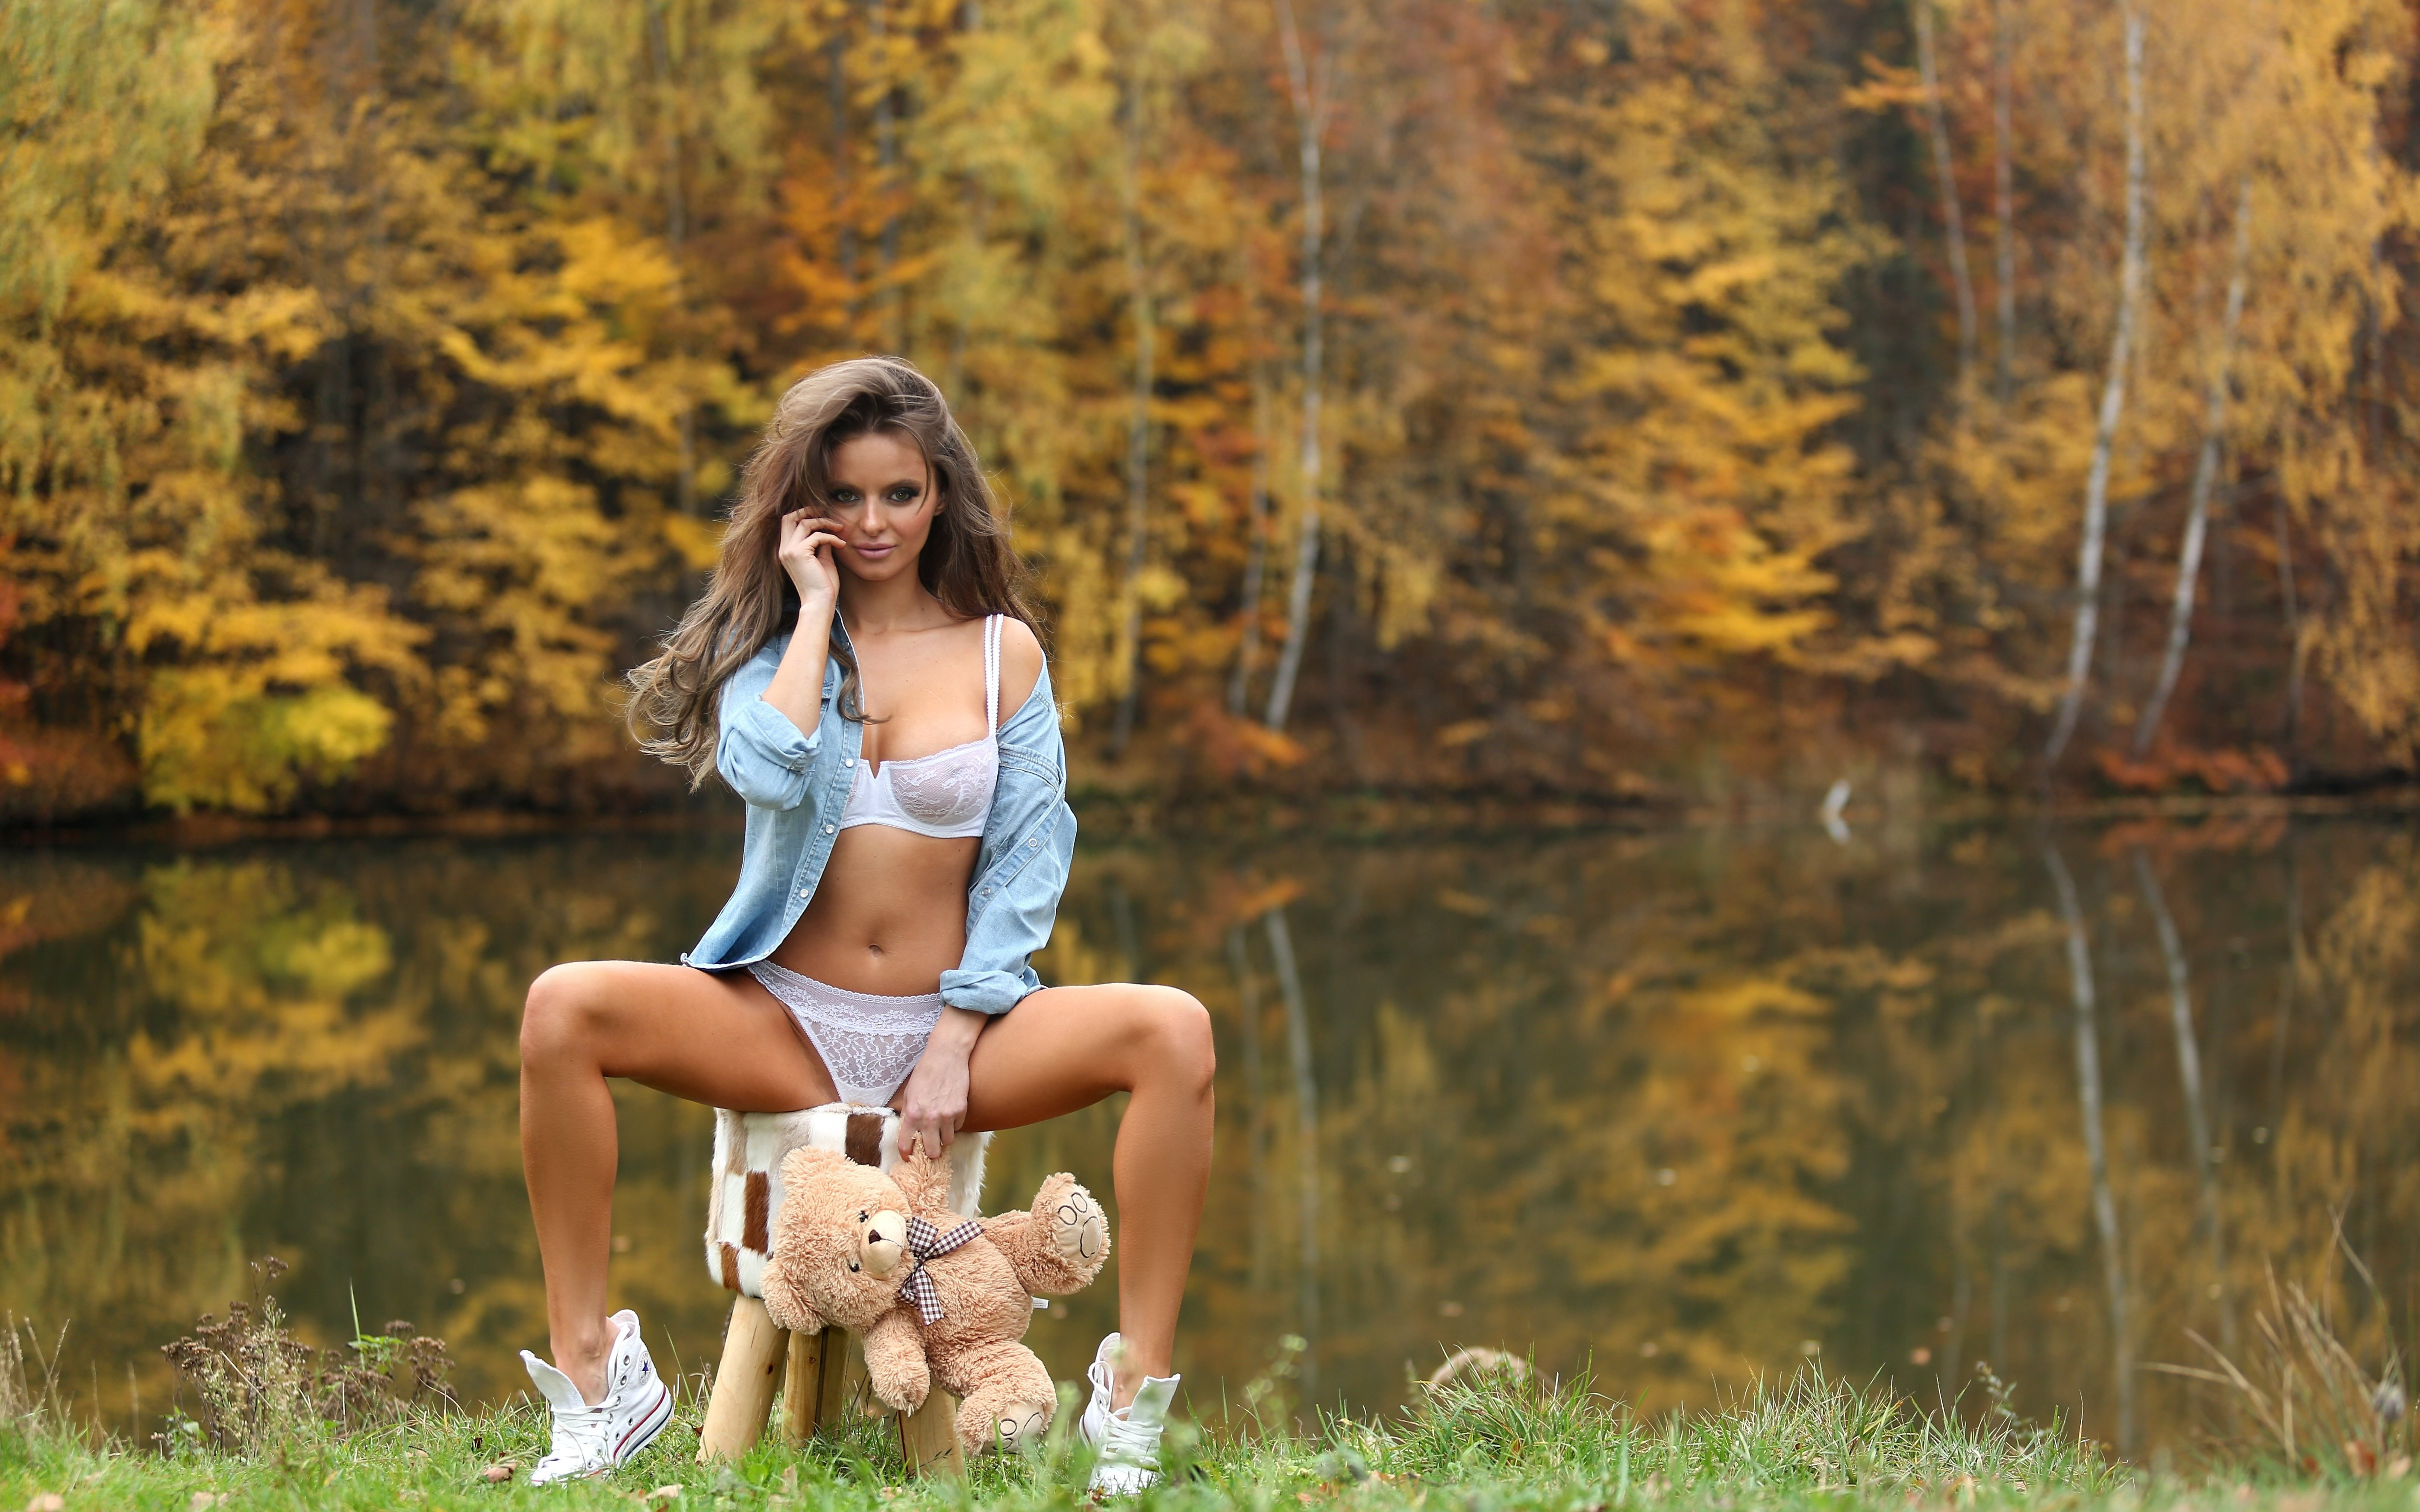 реальная ебля русских порно видео онлайн, смотреть